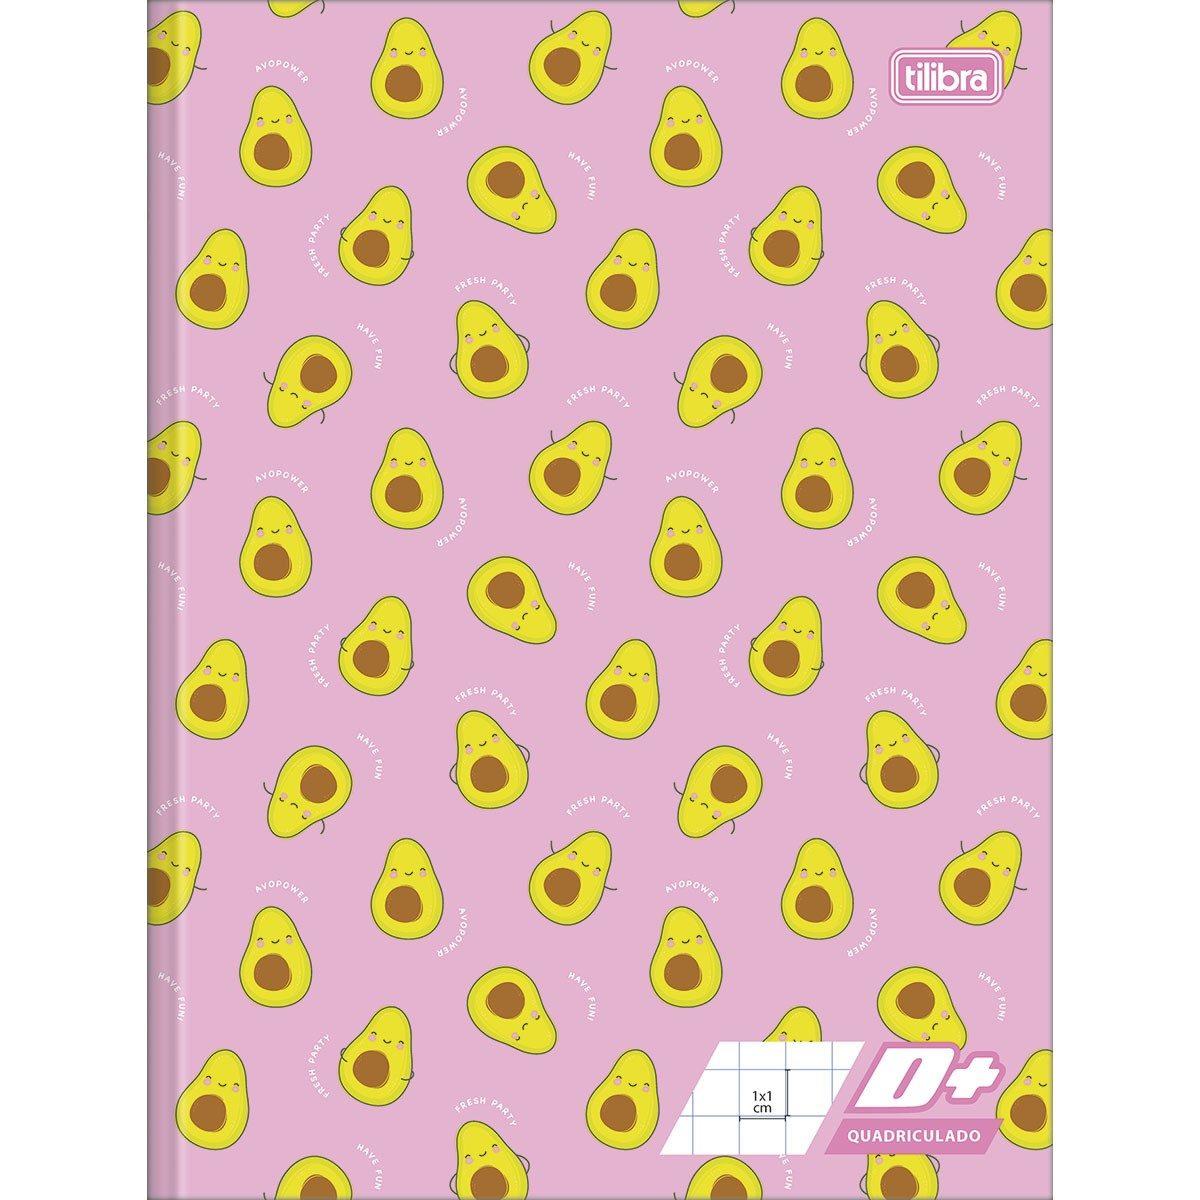 Caderno Quadriculado 1x1 cm Brochura Capa Dura D+ 40 Folhas - Tilibra